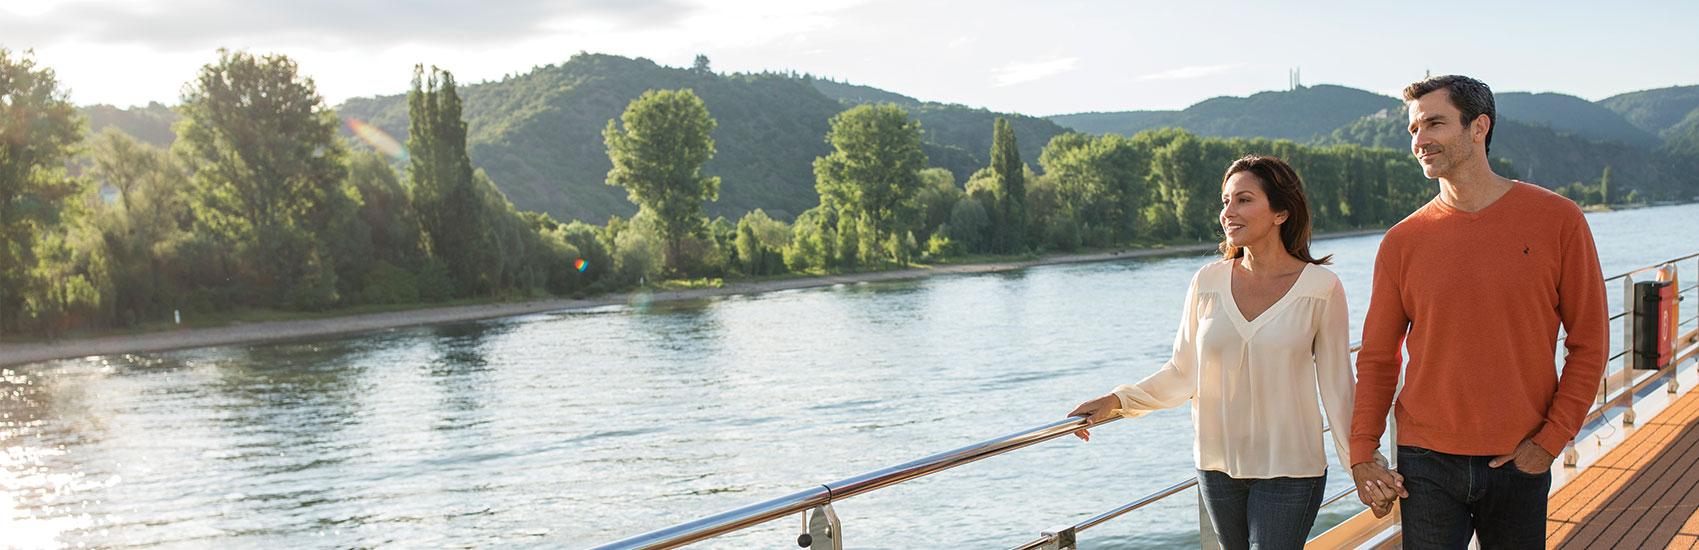 Europe Savings with Avalon Waterways